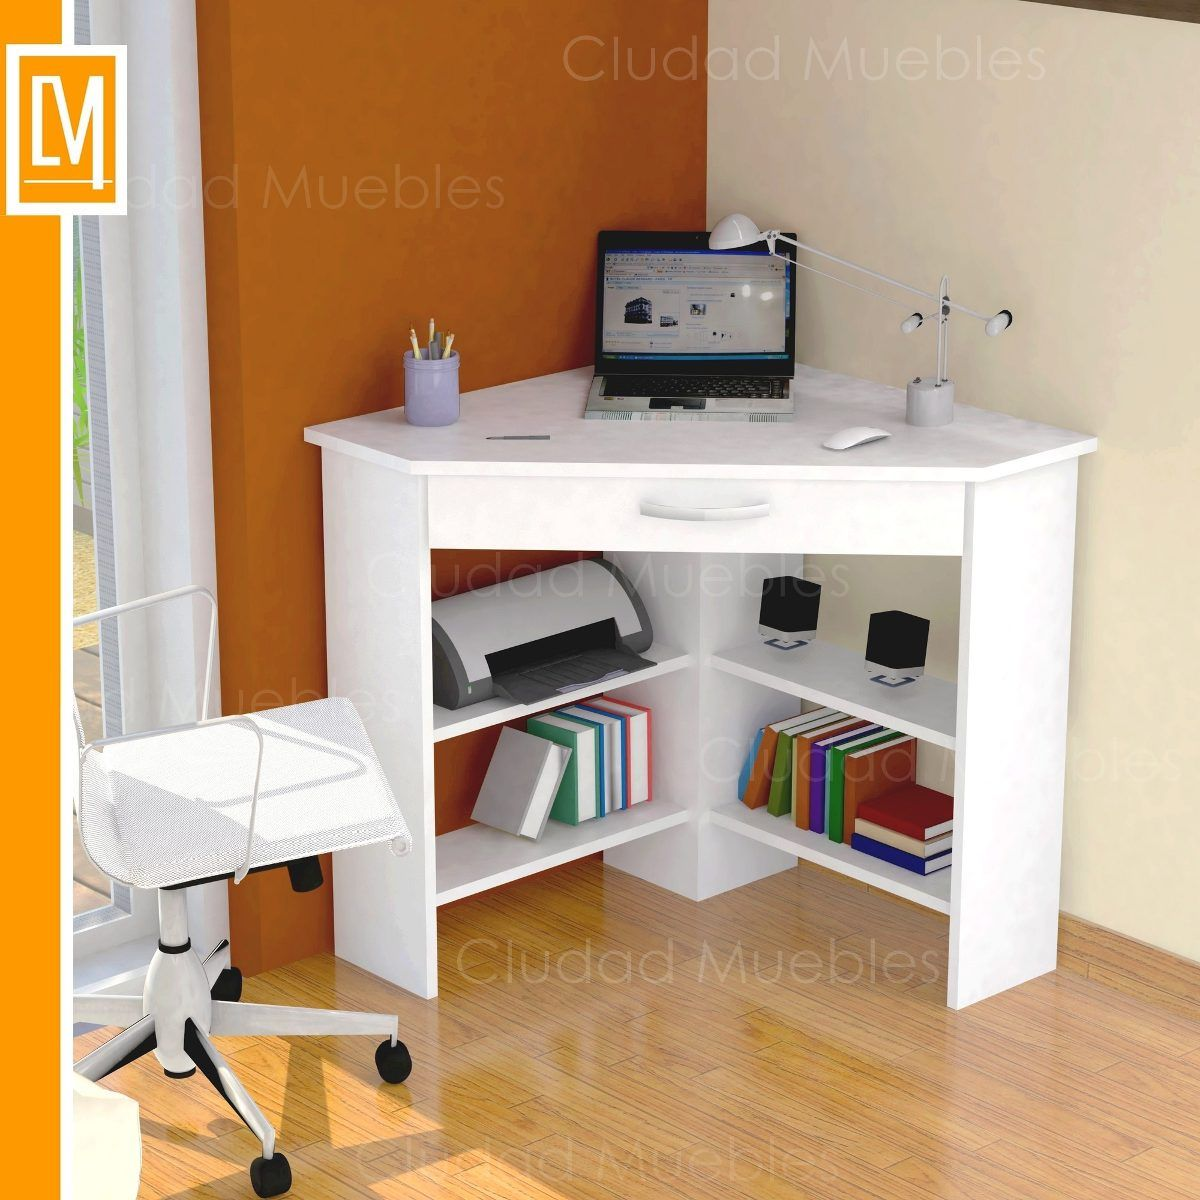 Muebles Para Notebook E Impresora - Mesa Para Computadora De Esquina Buscar Con Google Decoraci N [mjhdah]https://http2.mlstatic.com/escritorio-esquinero-mesa-para-notebook-con-cajon-D_NQ_NP_606232-MLA25559618738_052017-F.jpg